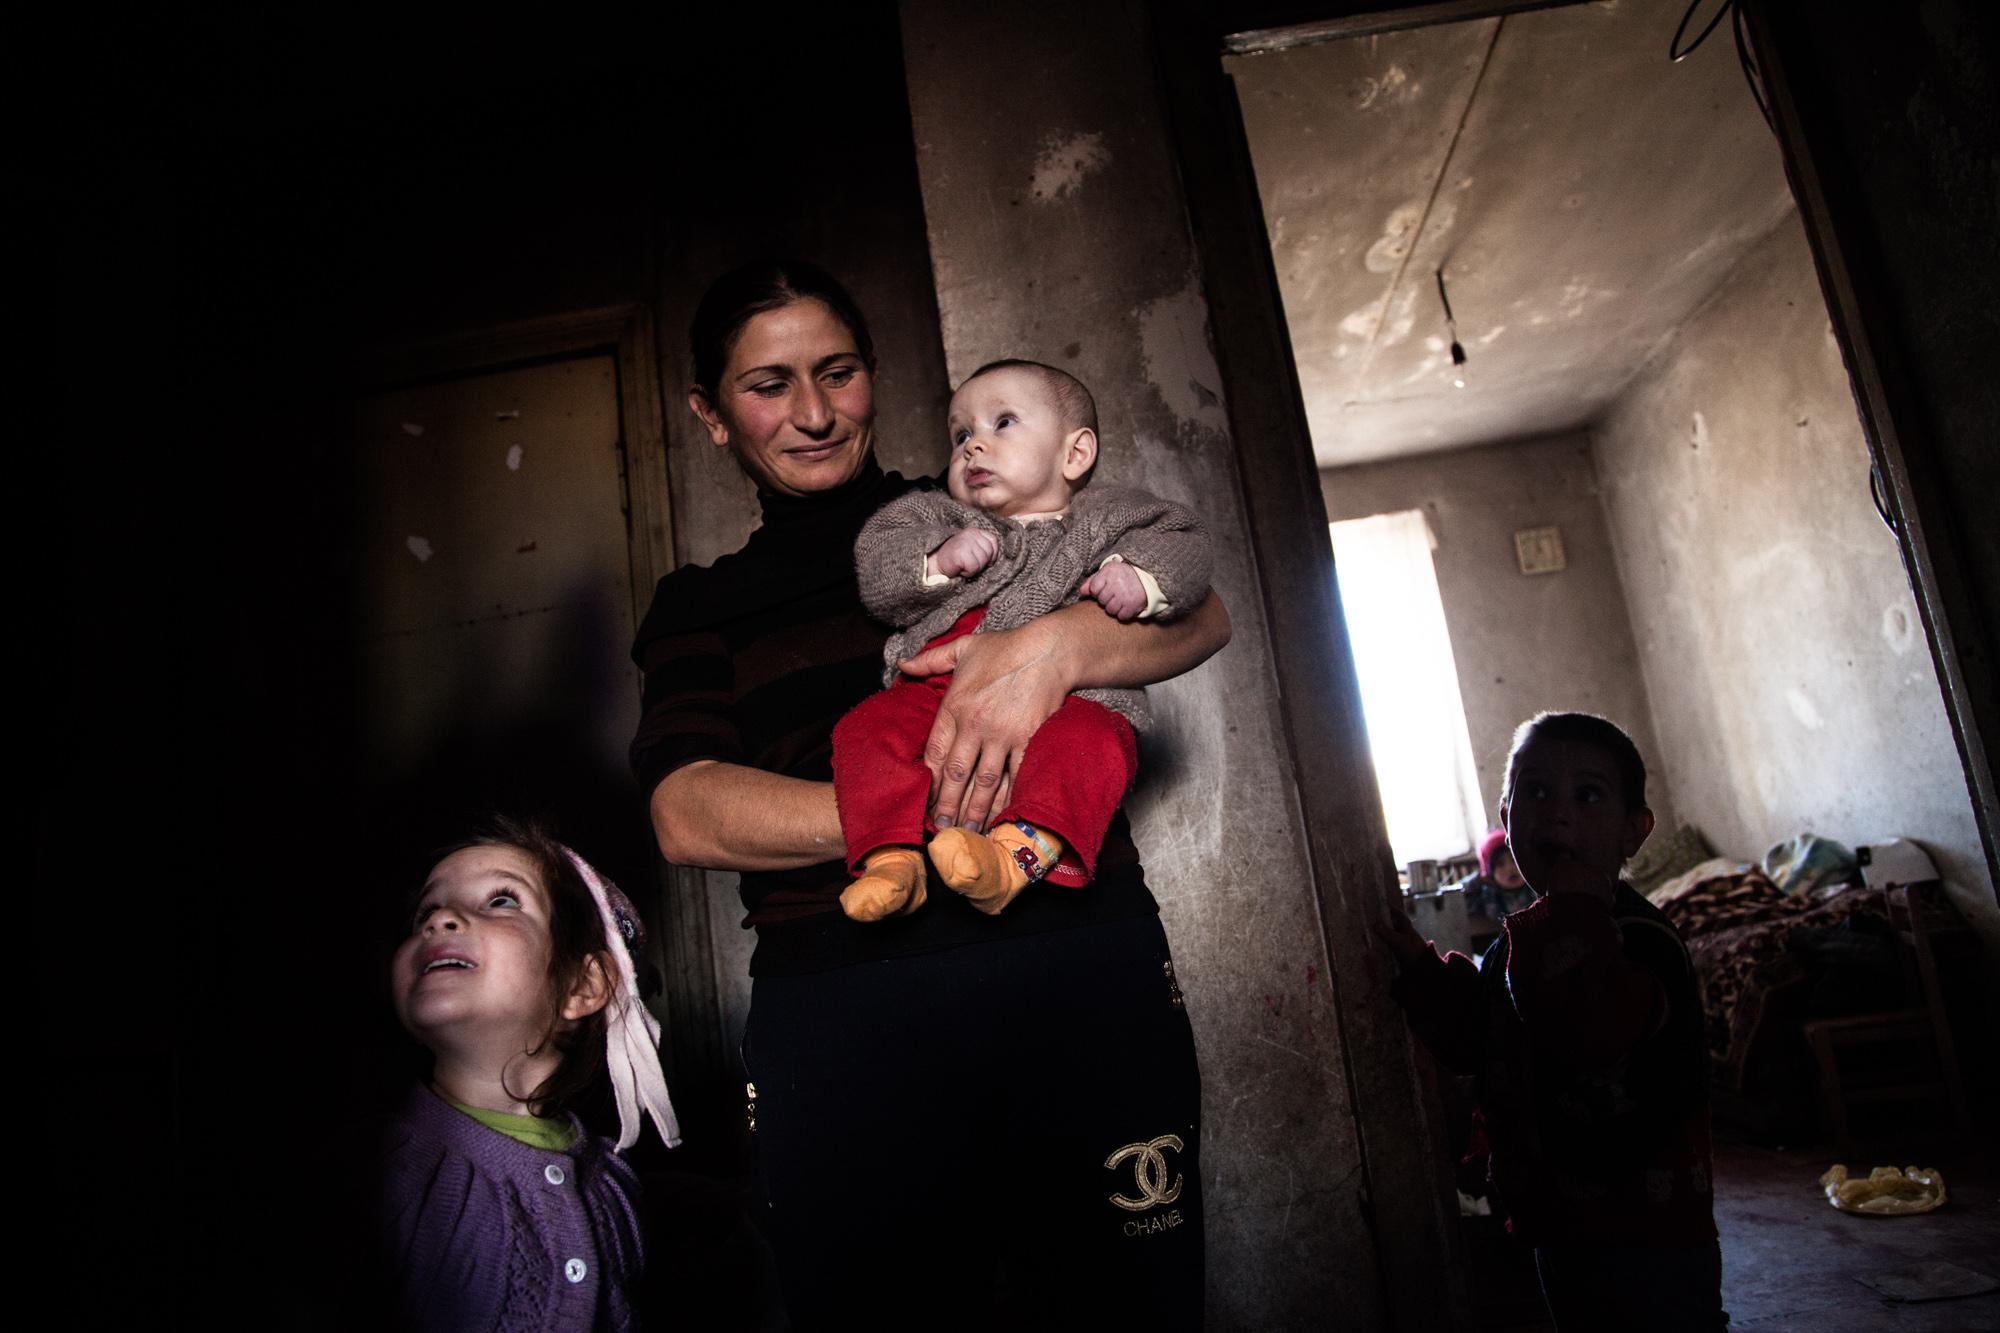 Aïda n'a pas de travail. Elle s'occupe de ses 7 enfants à la maison. Mariam, la dernière, a 4 mois. Outre le faible salaire de Vova, la famille n'a que l'aide humanitaire pour survivre.  Extraits du webdocumentaire   Ashotsk, aux confins de l'Arménie  .